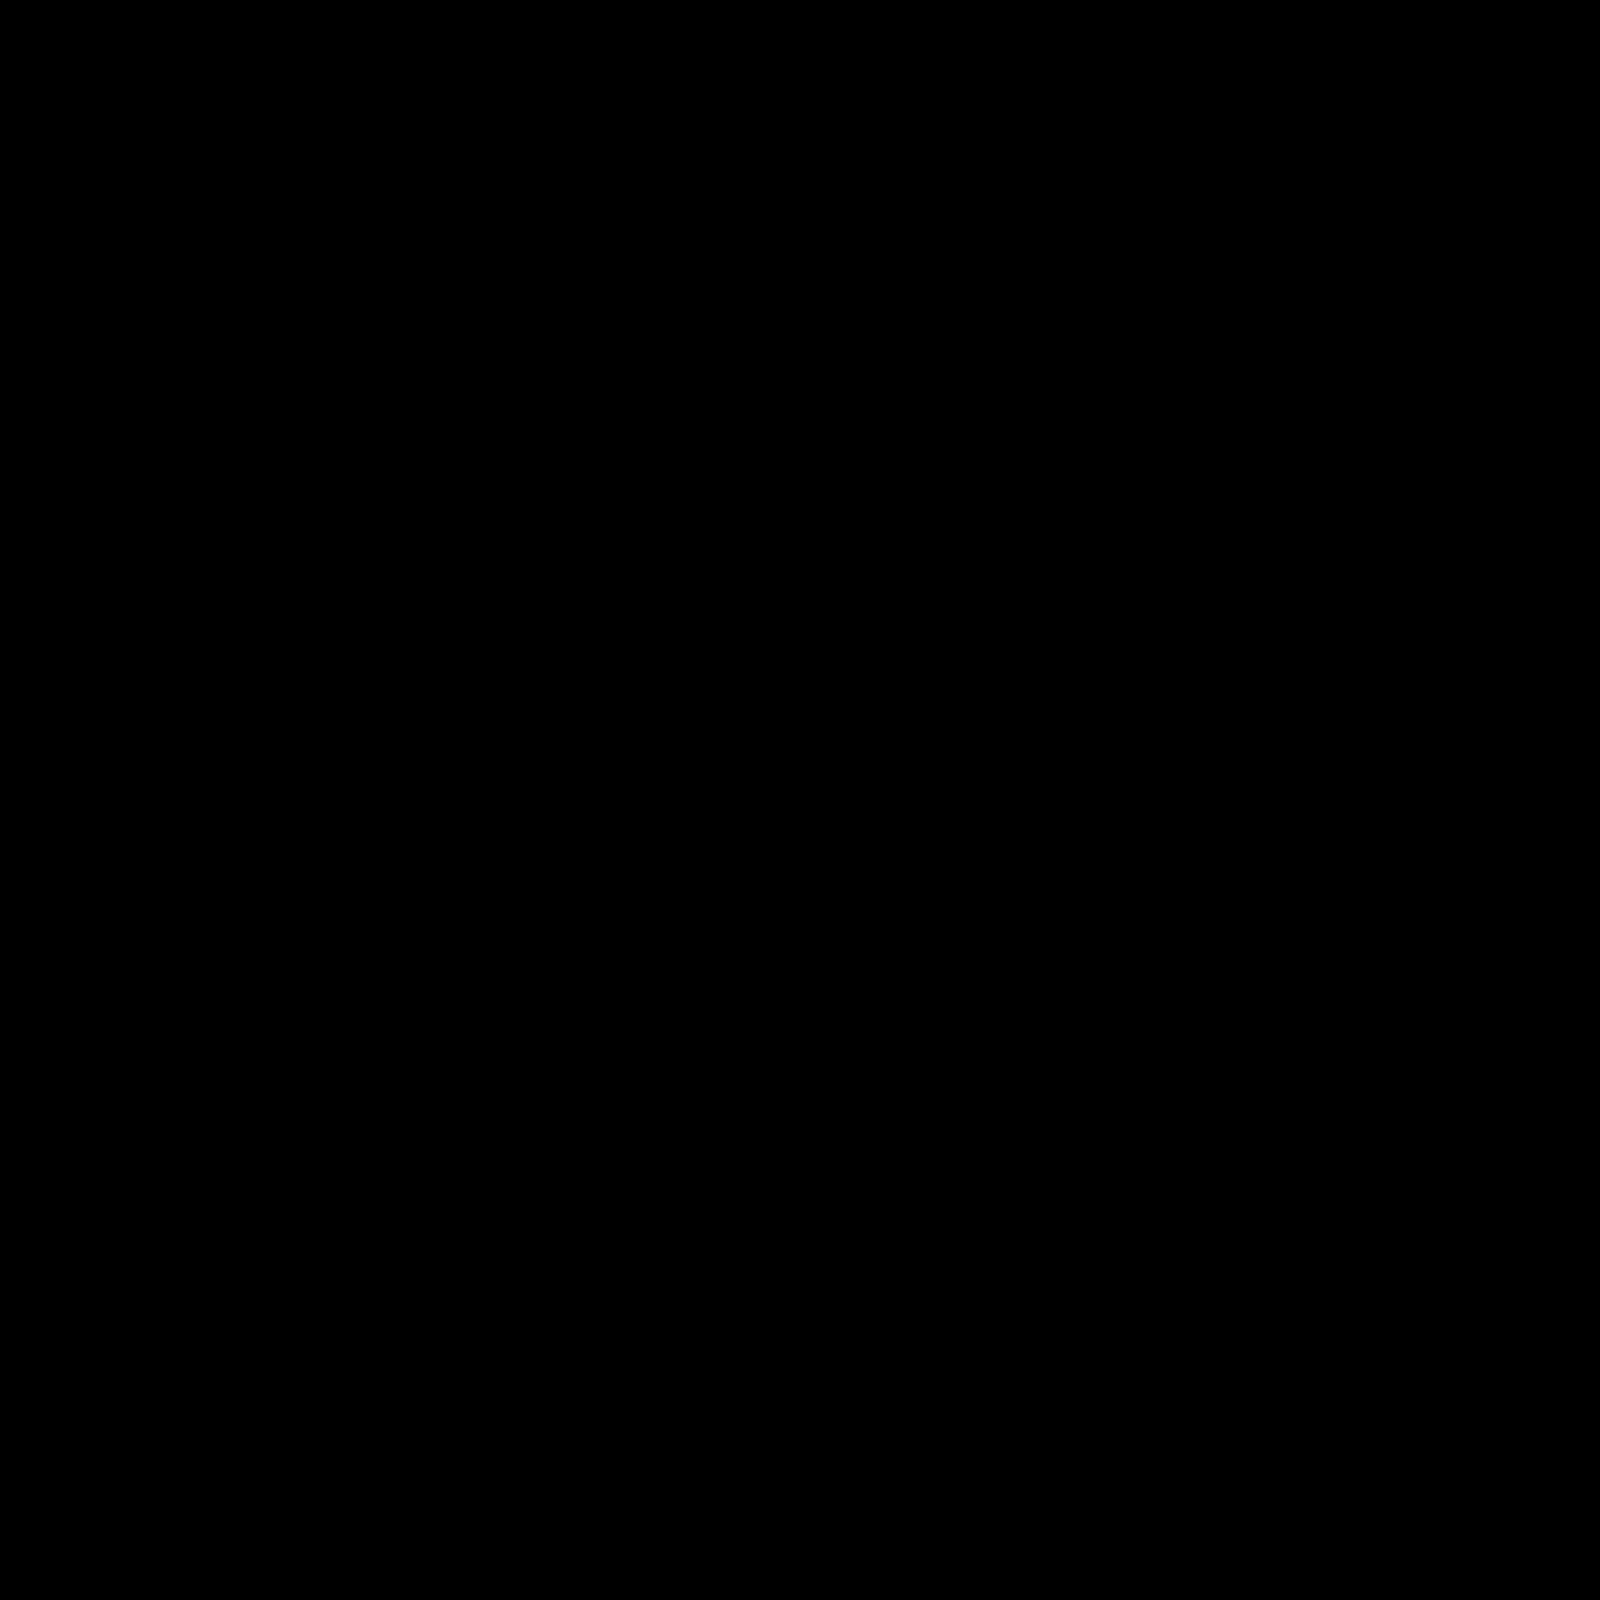 Ciondolo Medusa Minimal Sea